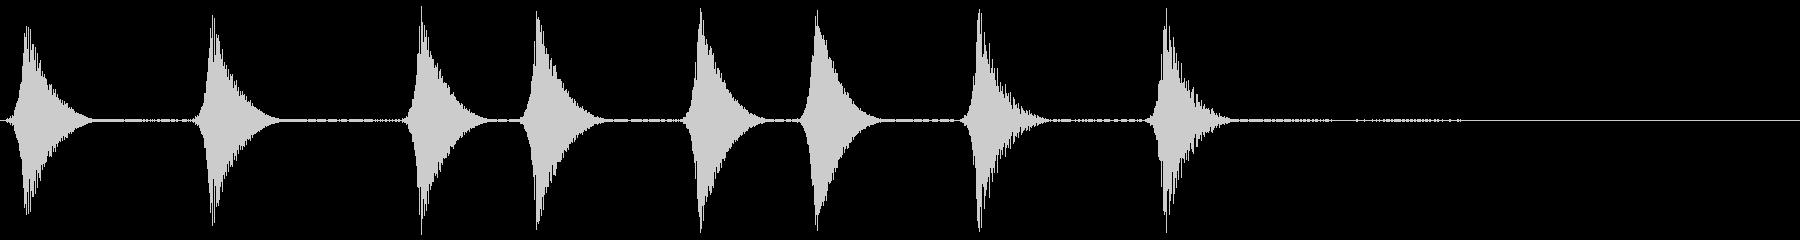 コロコロ。場面転換・めくる音(上昇)の未再生の波形